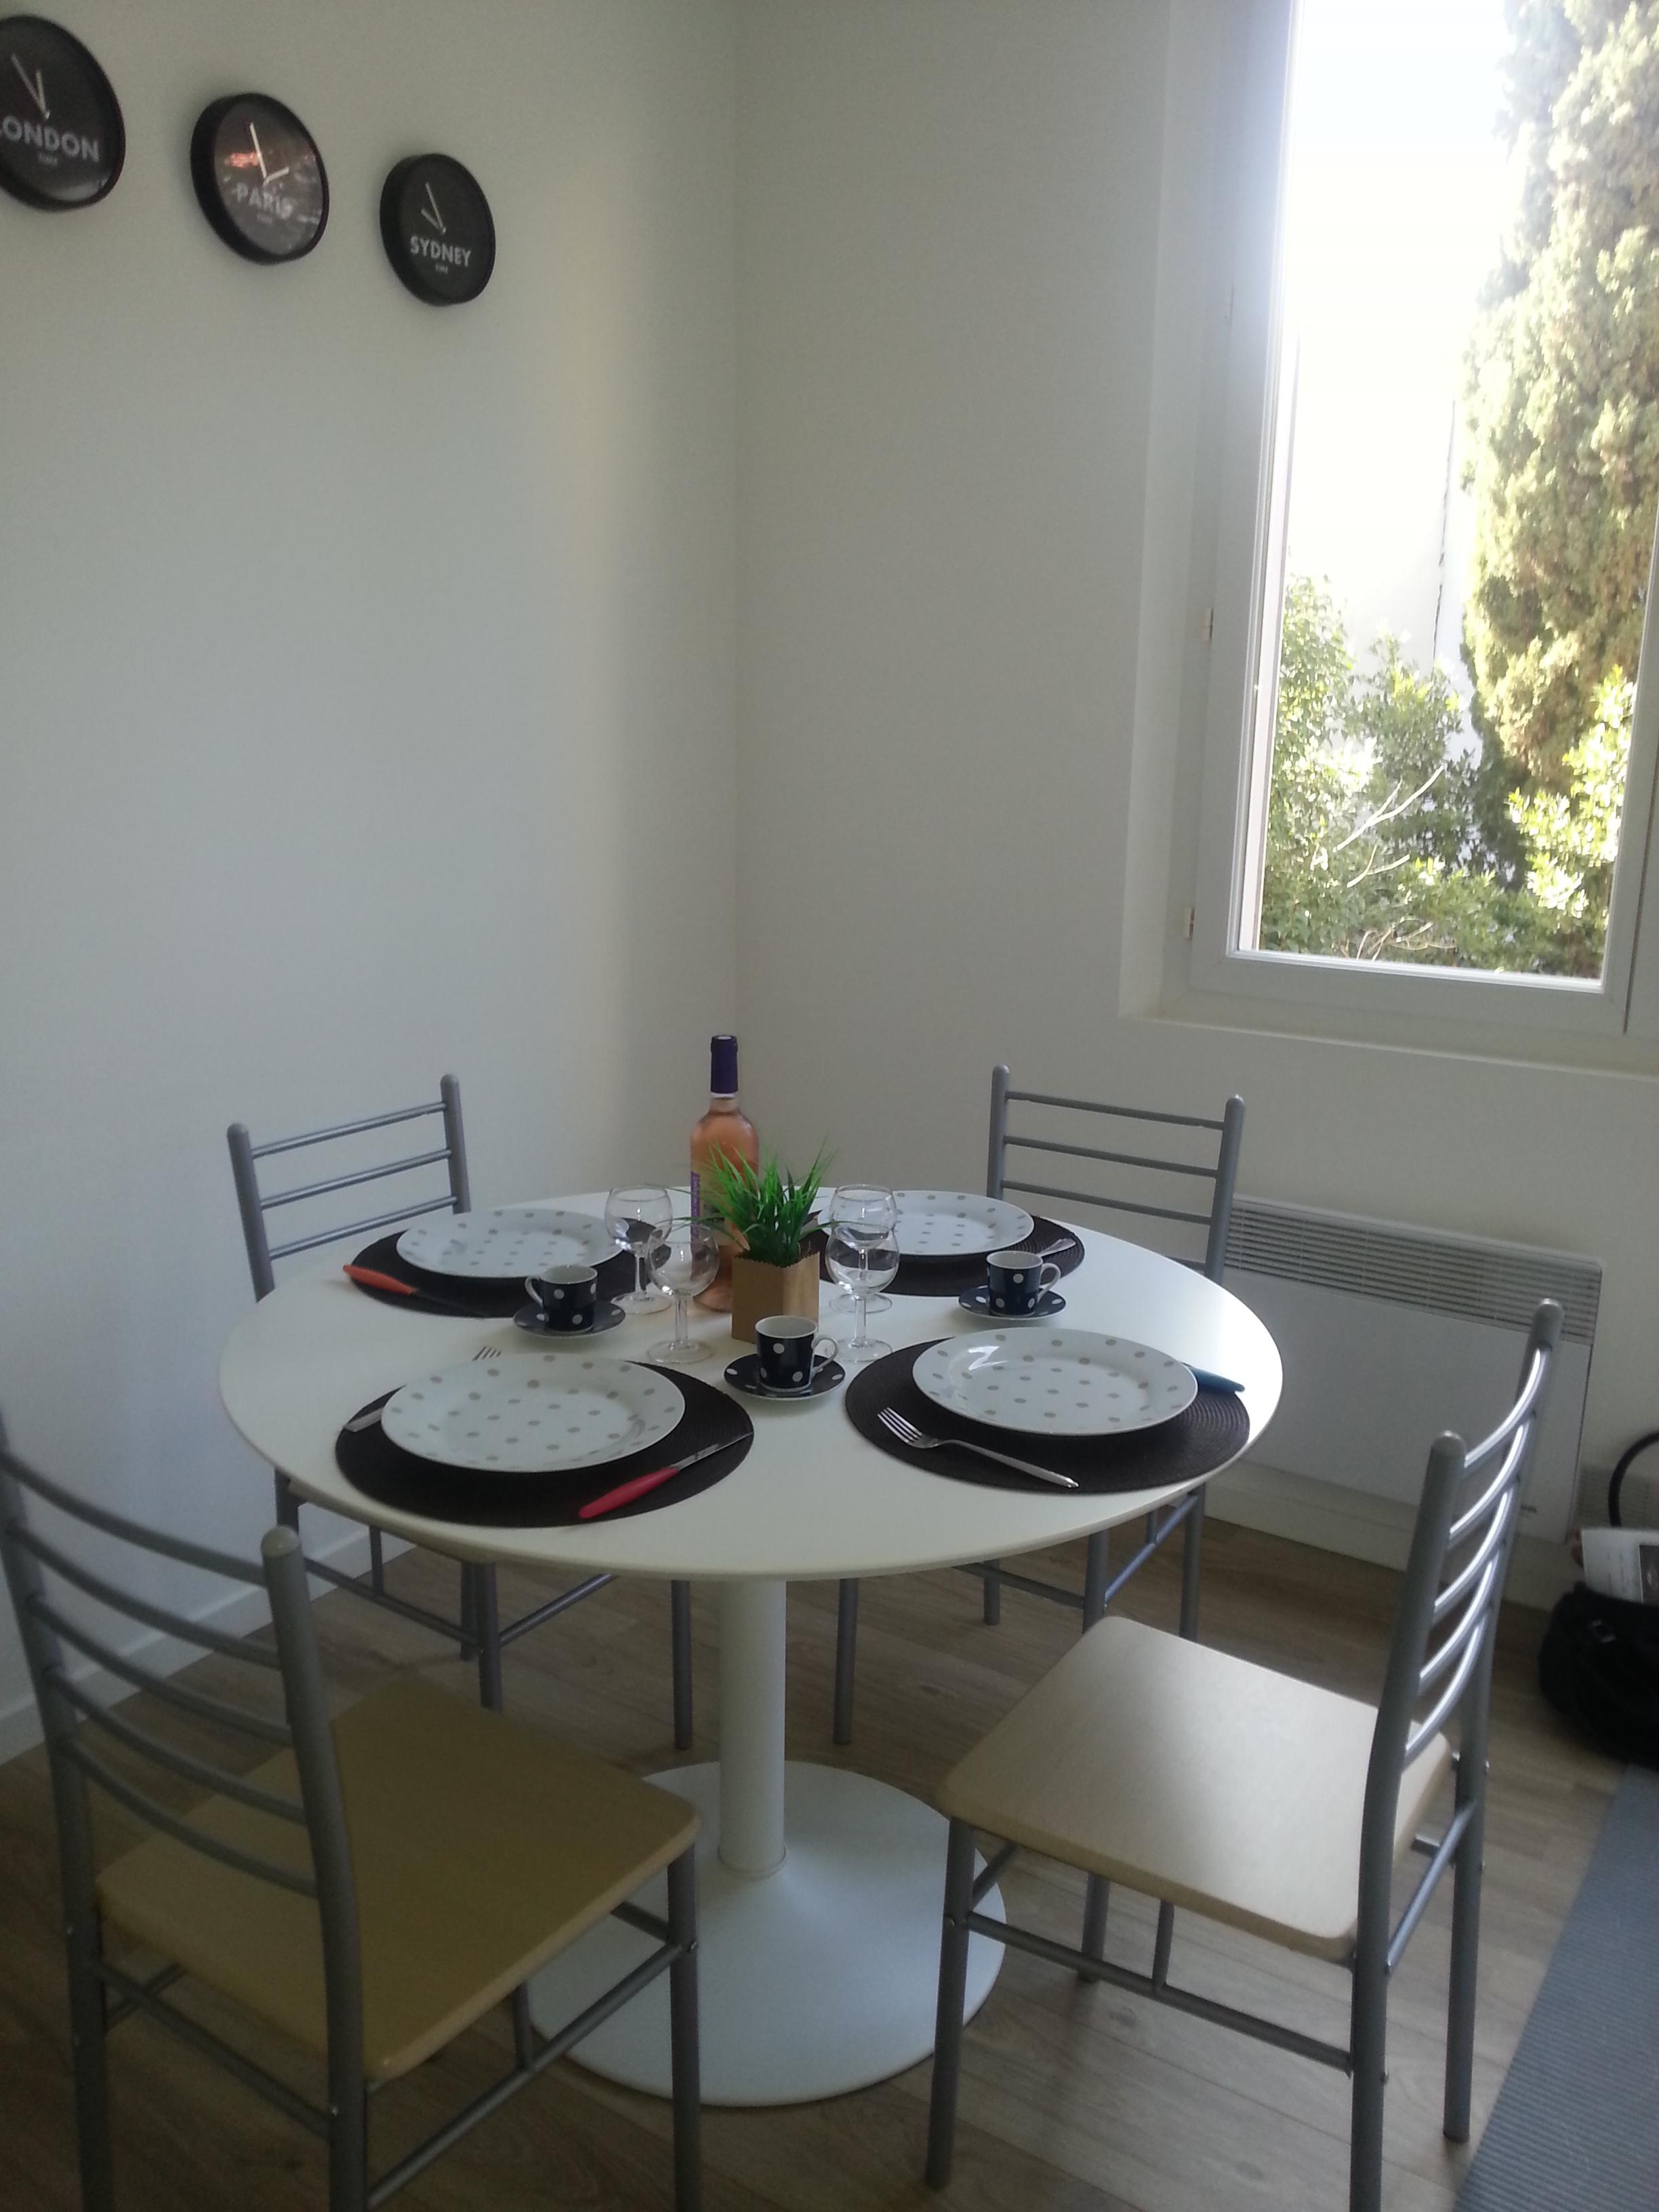 Location tudiant location a partager entre tudiants meubl - Cuisine sans four etudiant ...